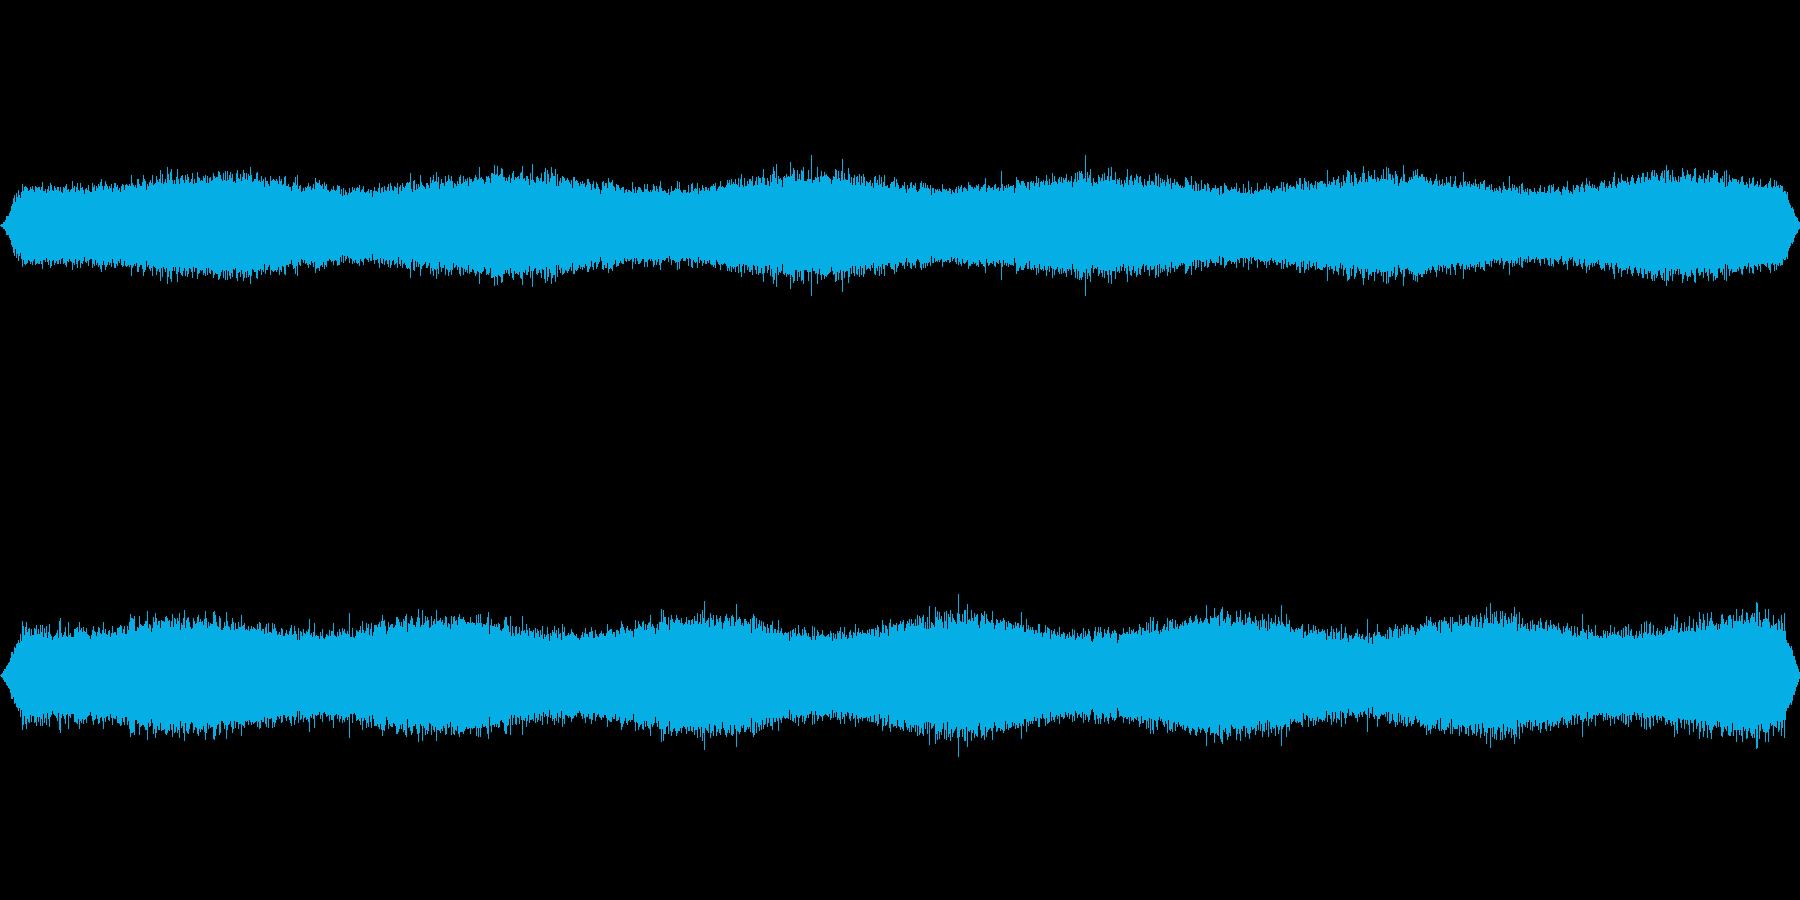 [ザー] 雨・滝・川などの音の再生済みの波形